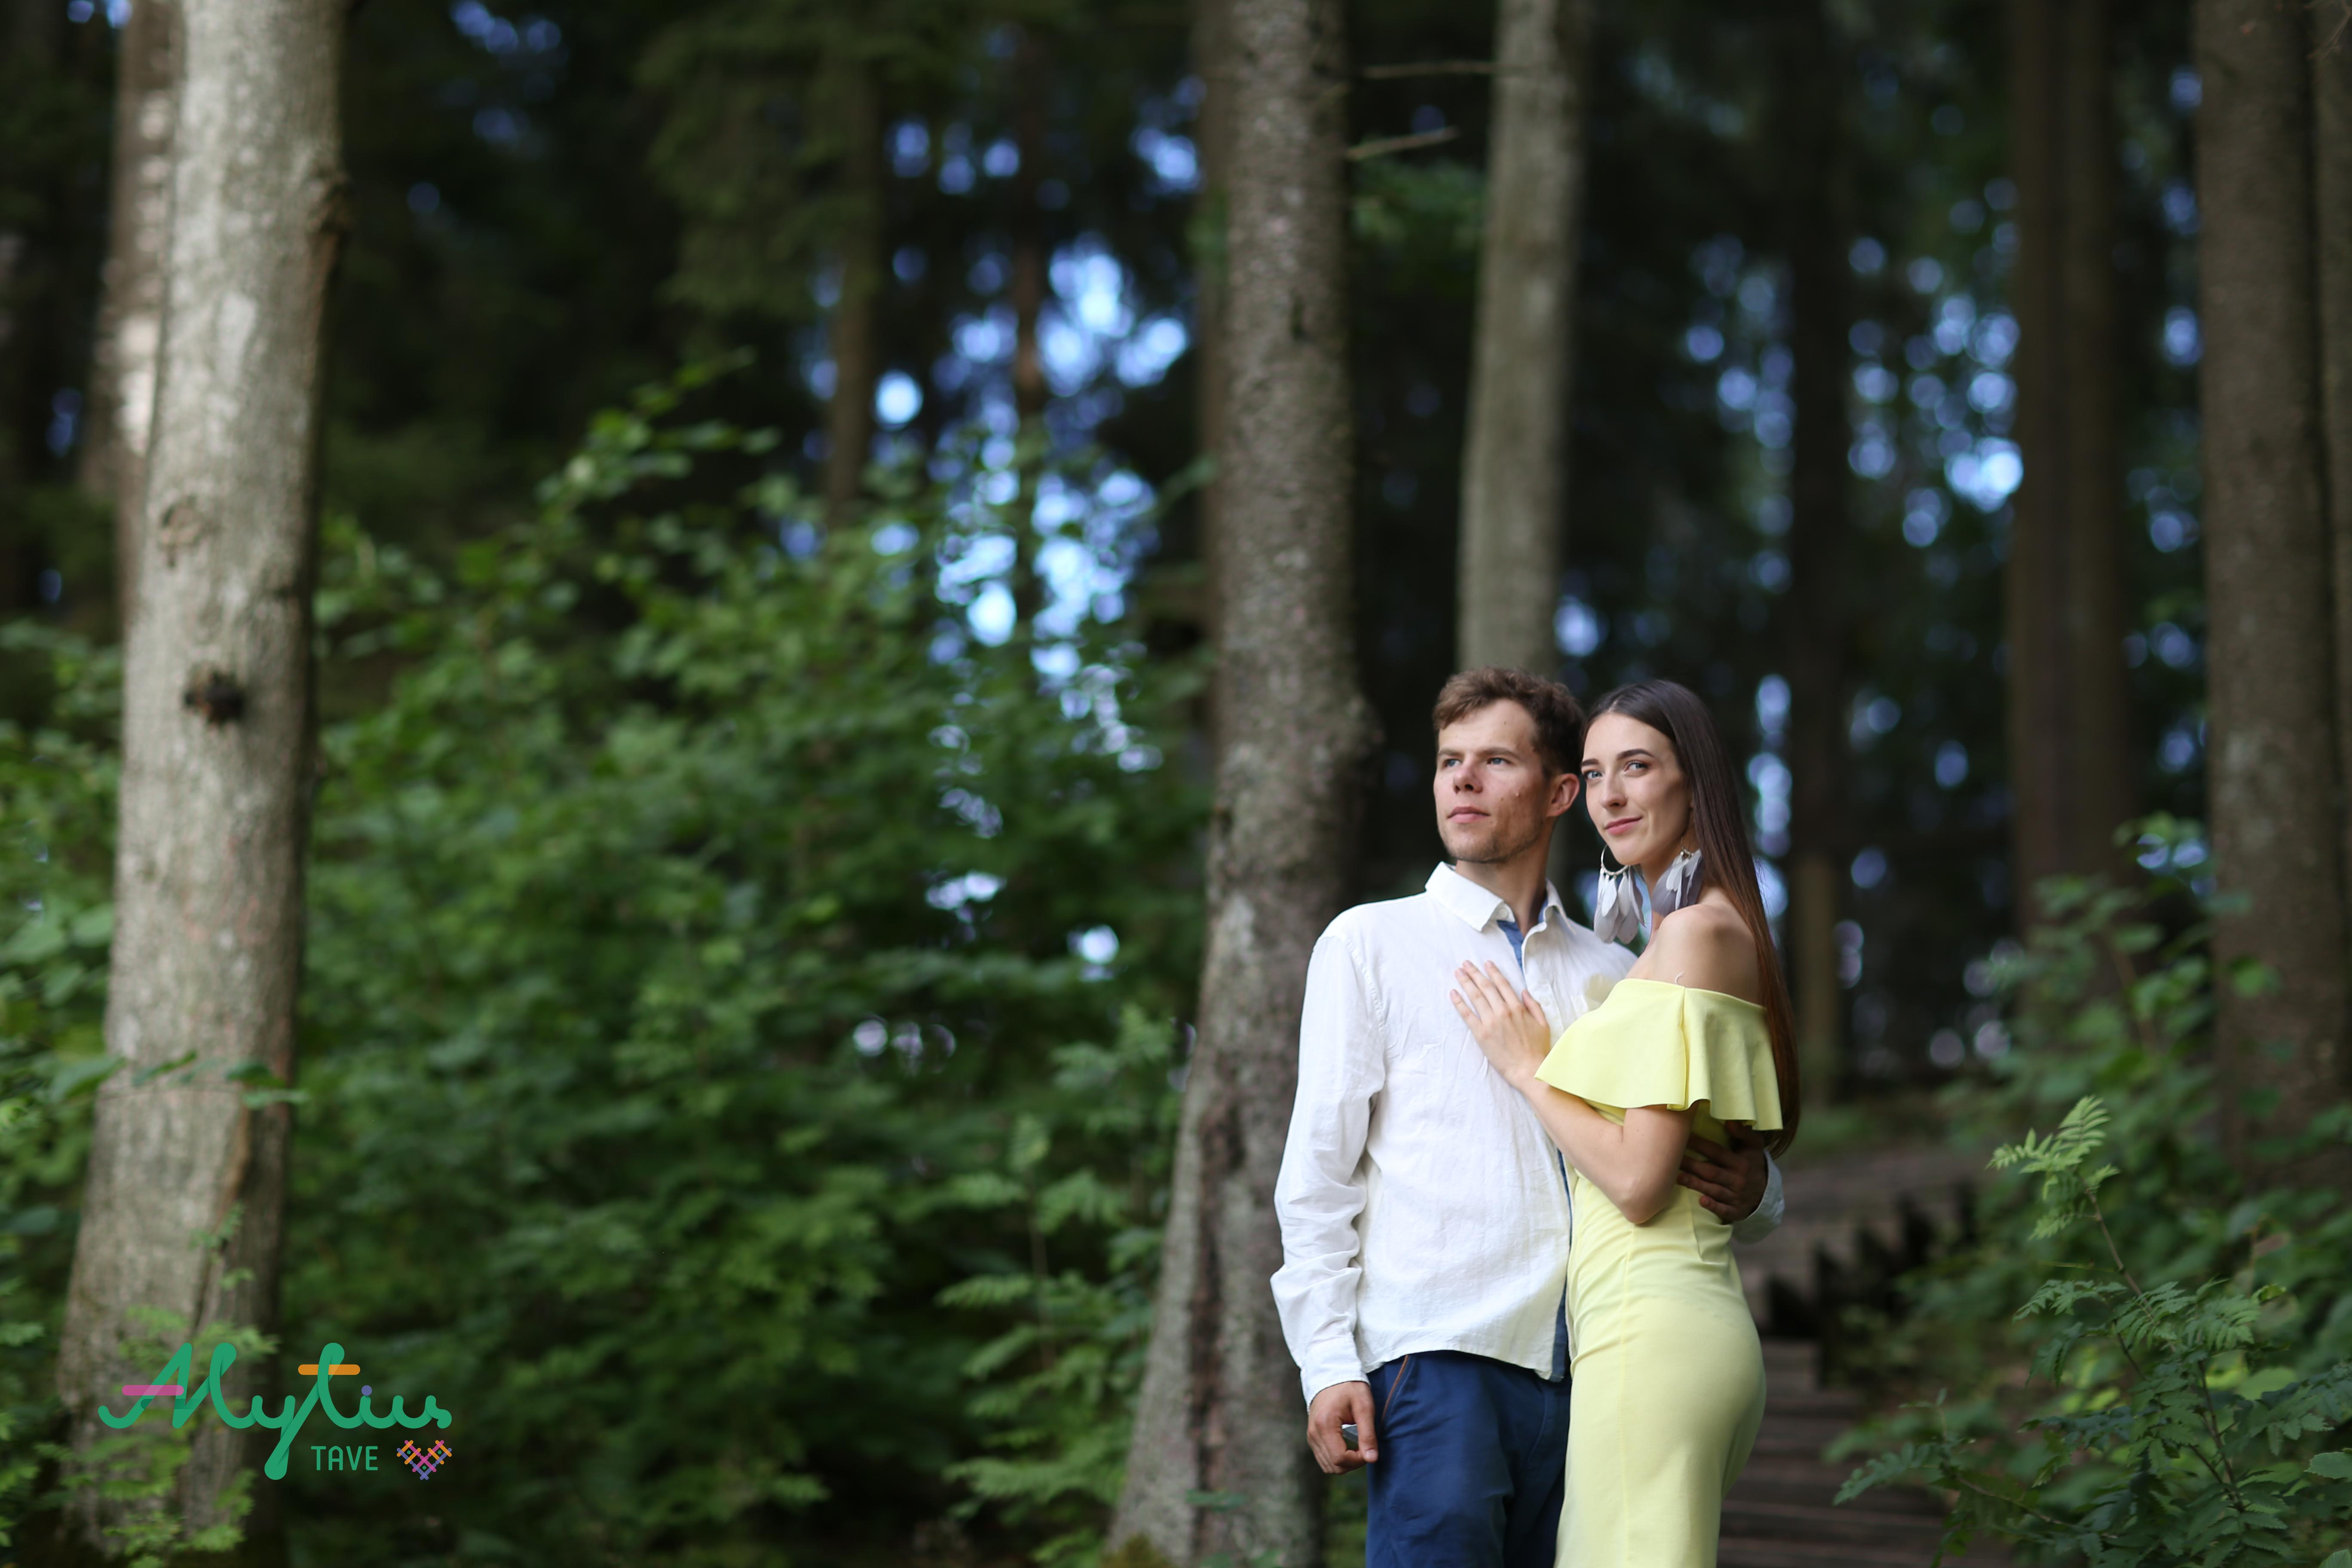 Monika ir Lukas (Asmeninio albumo nuotr.)